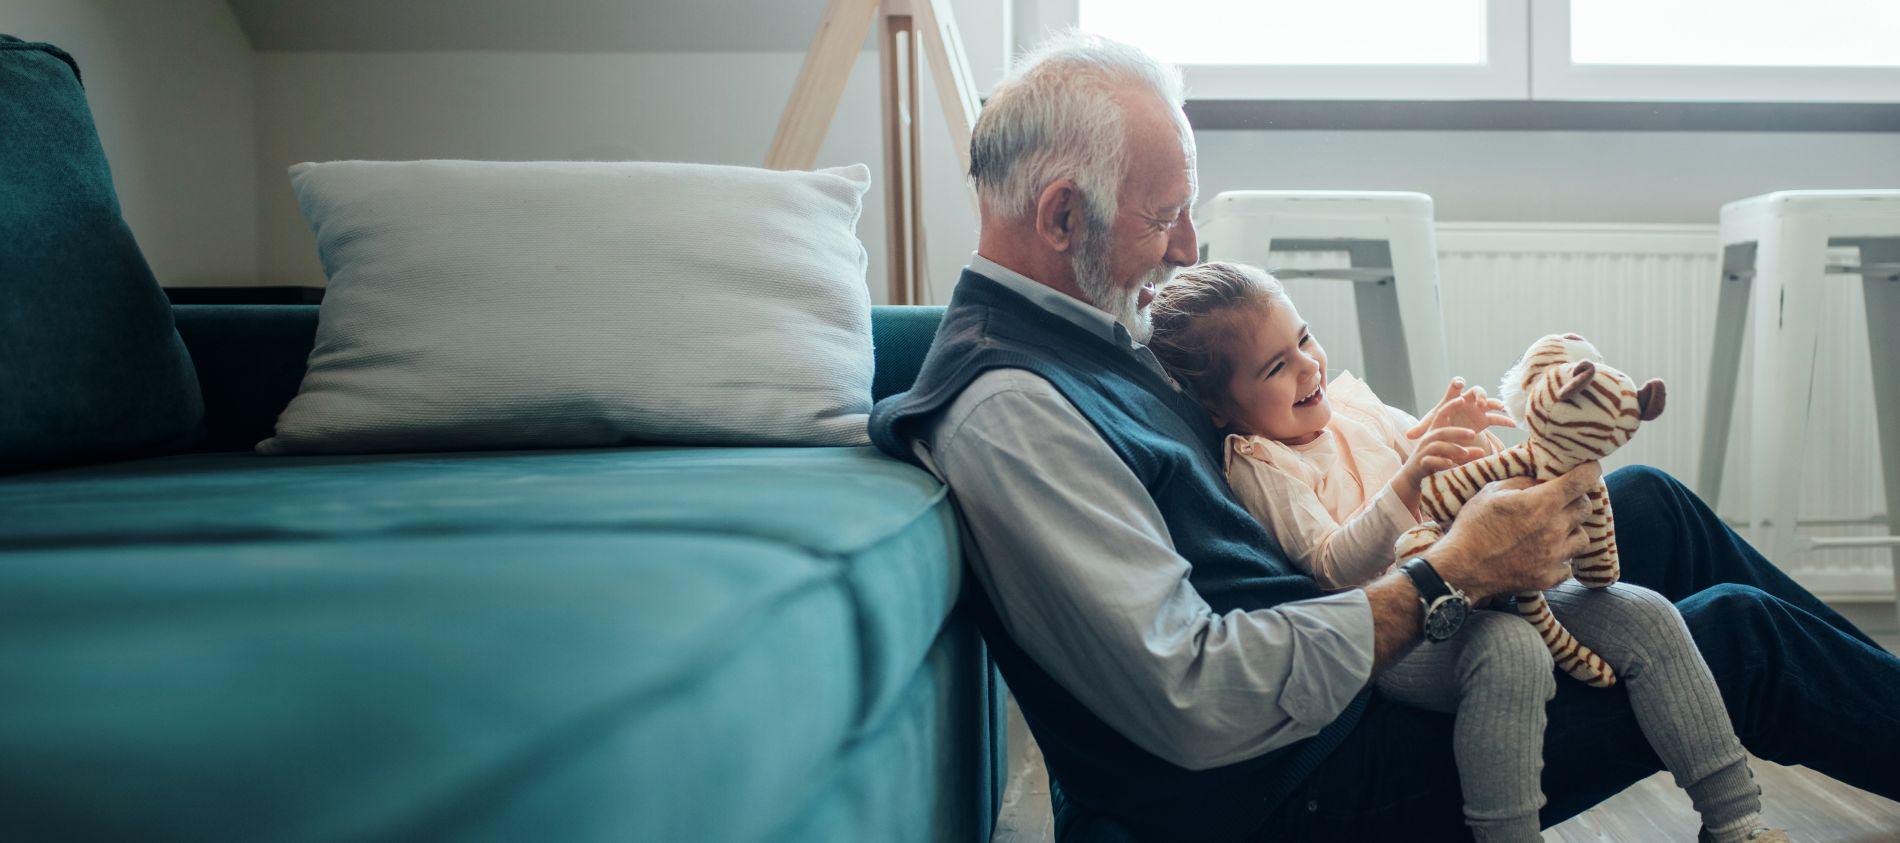 Кредит без истории и поручителей пенсионерам